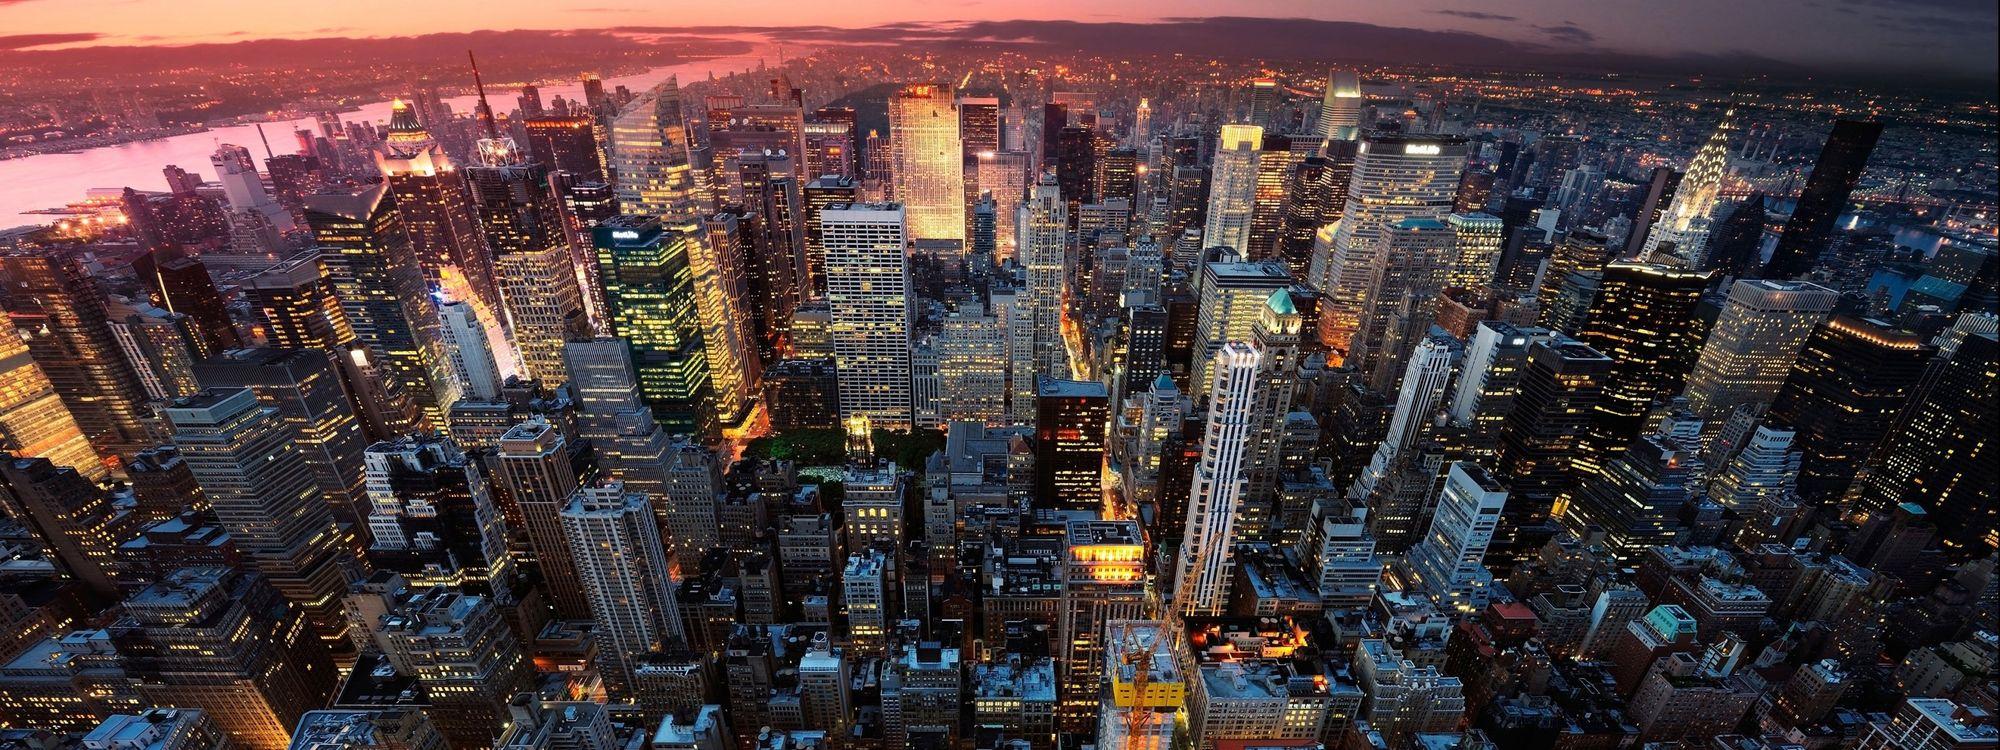 Обои Нью-Йорк, США, горизонт, высота, небоскребы, жизнь, город, закат, вечер на телефон | картинки город